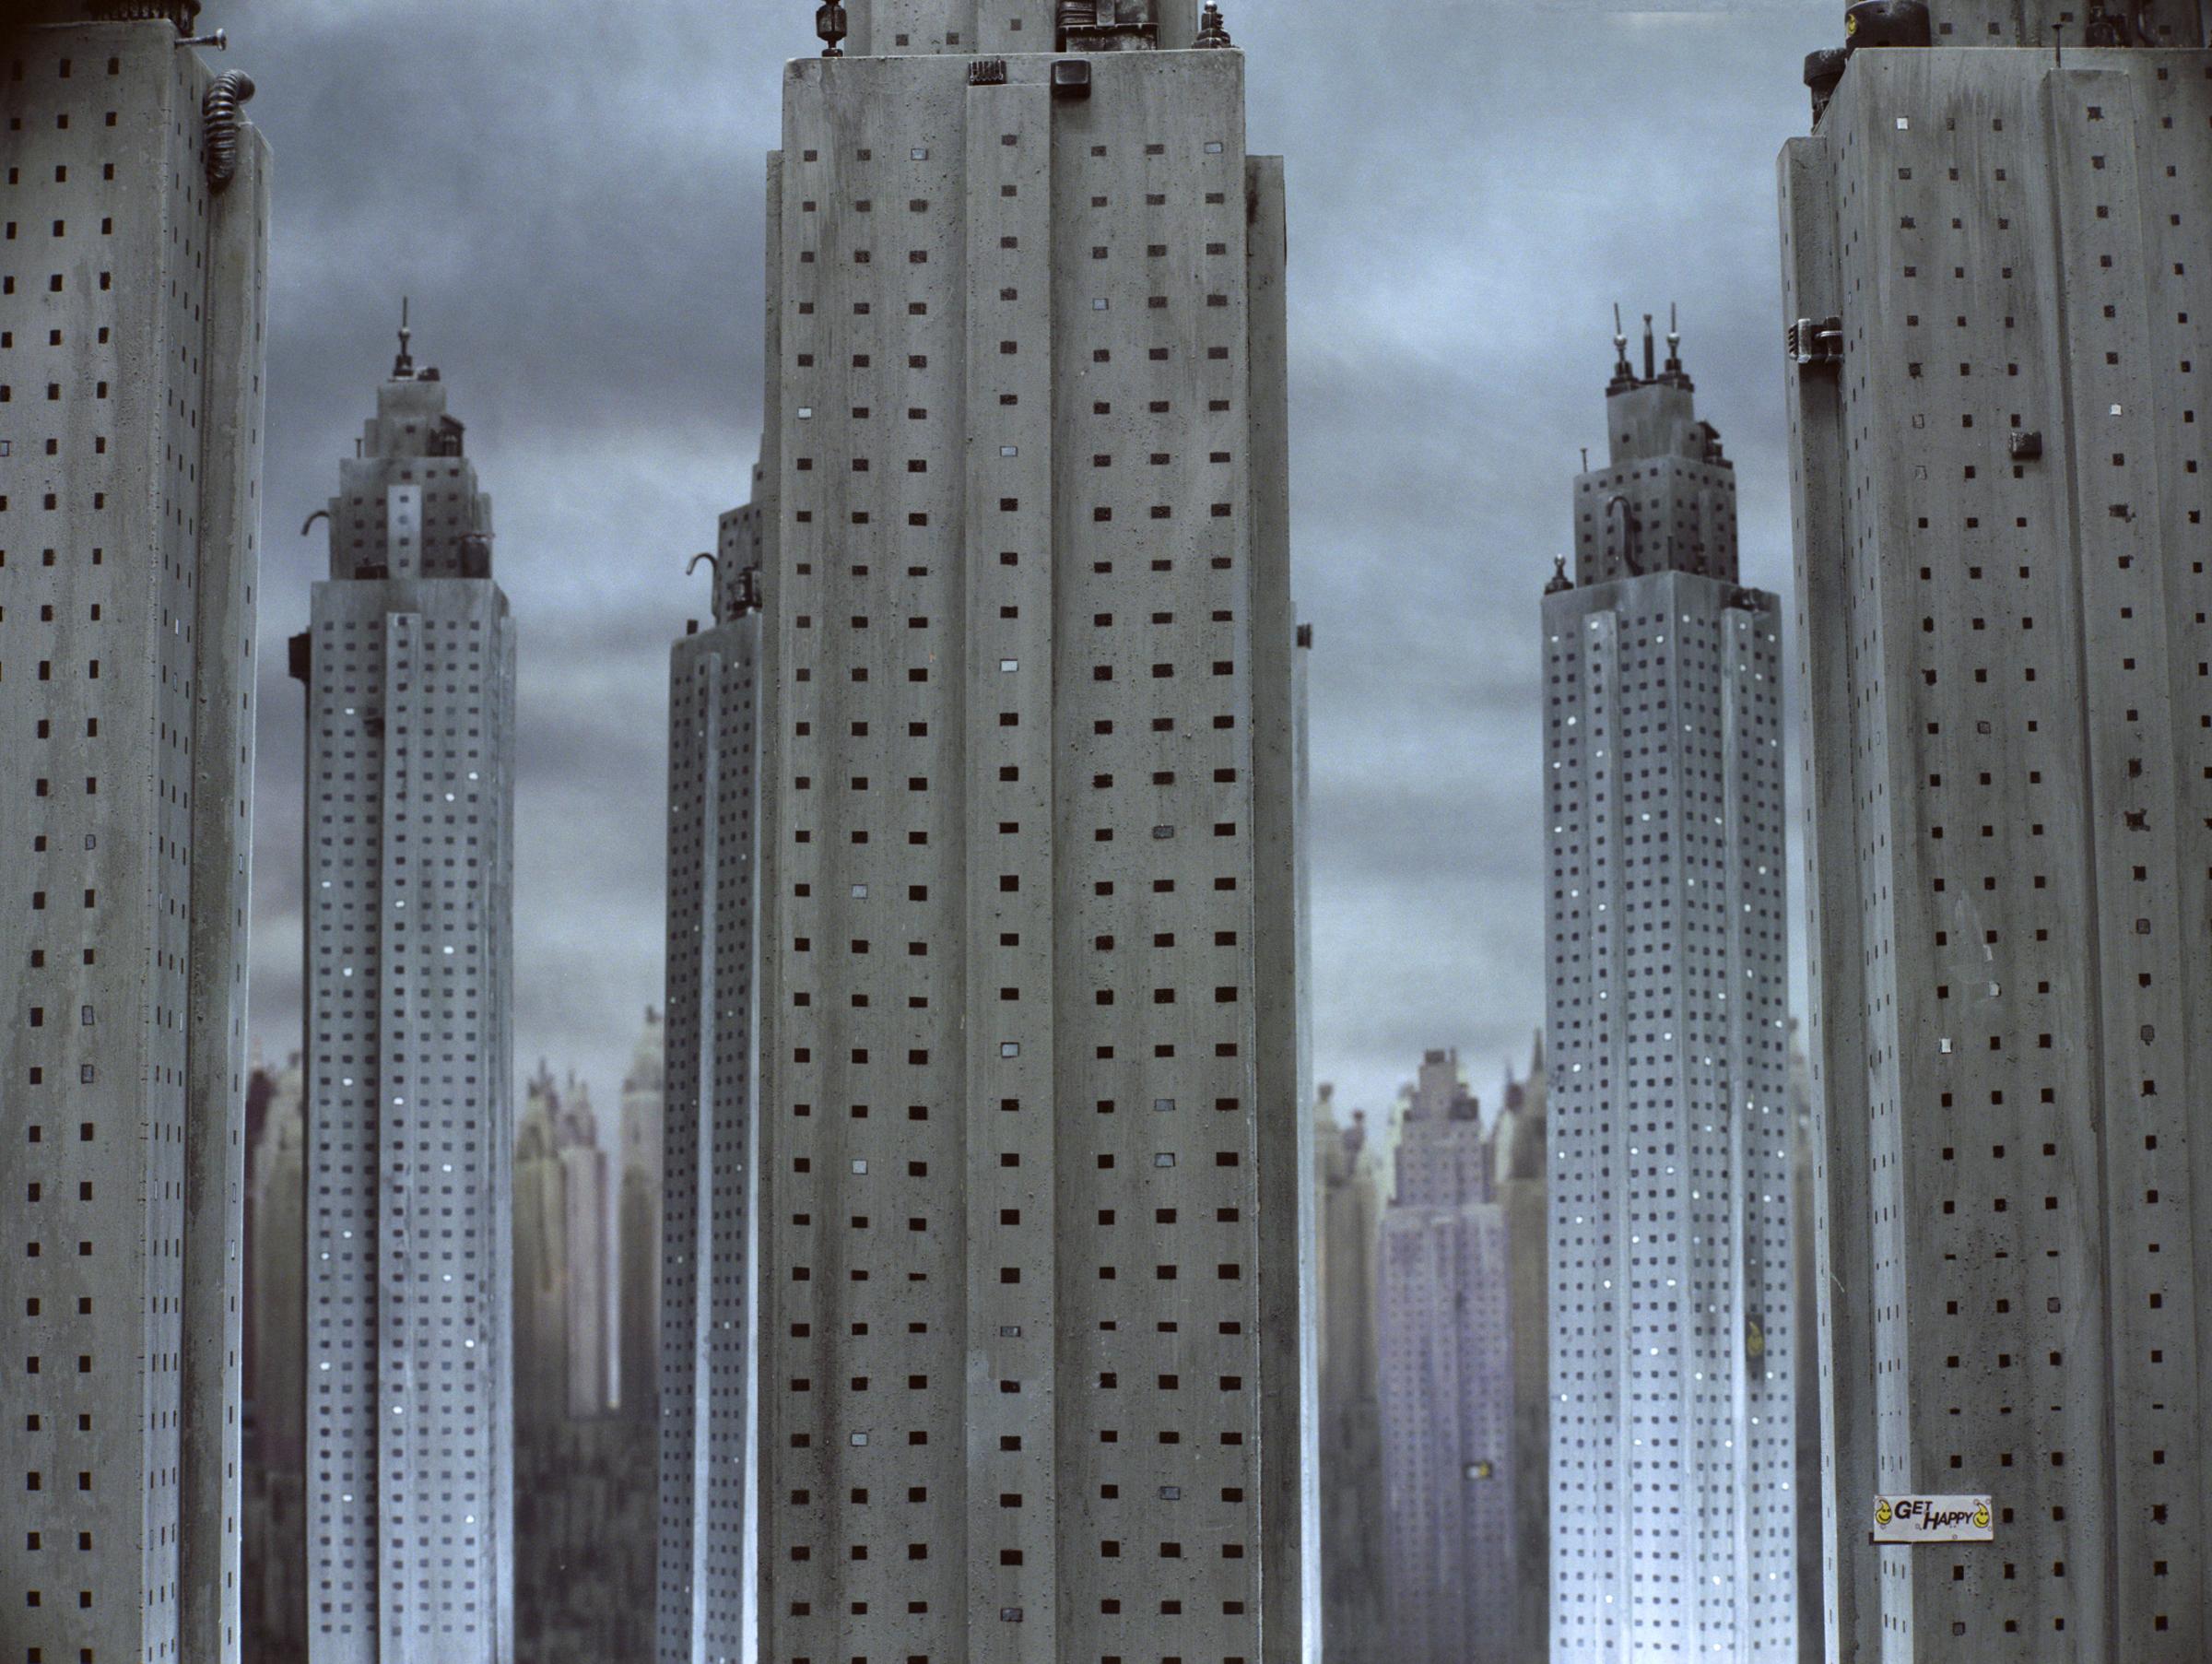 MORE_stills_016_cityscape.jpg